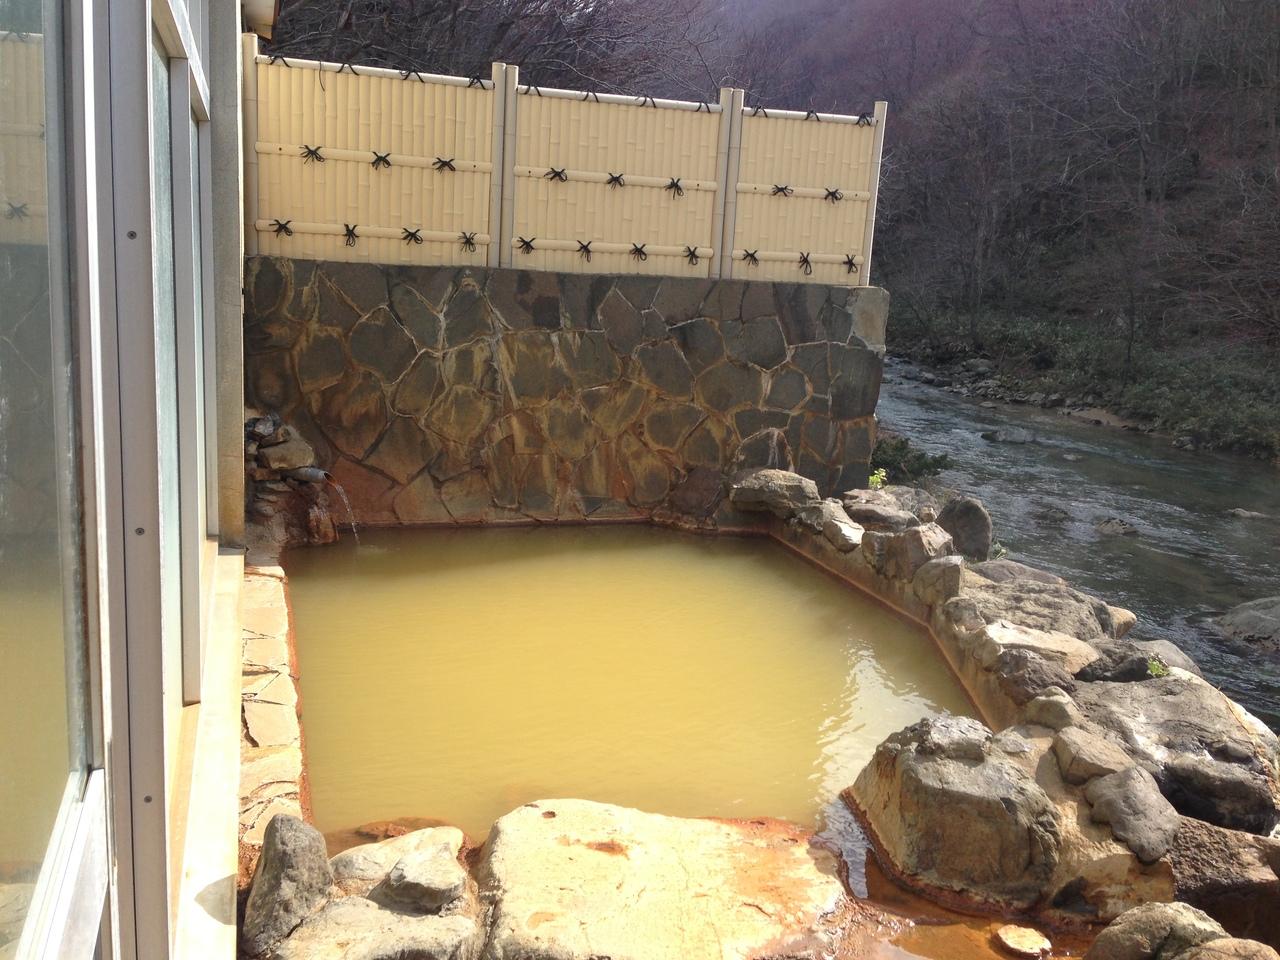 北海道の大自然に囲まれた 明治から伝わる源泉掛け流しの湯治場 札幌